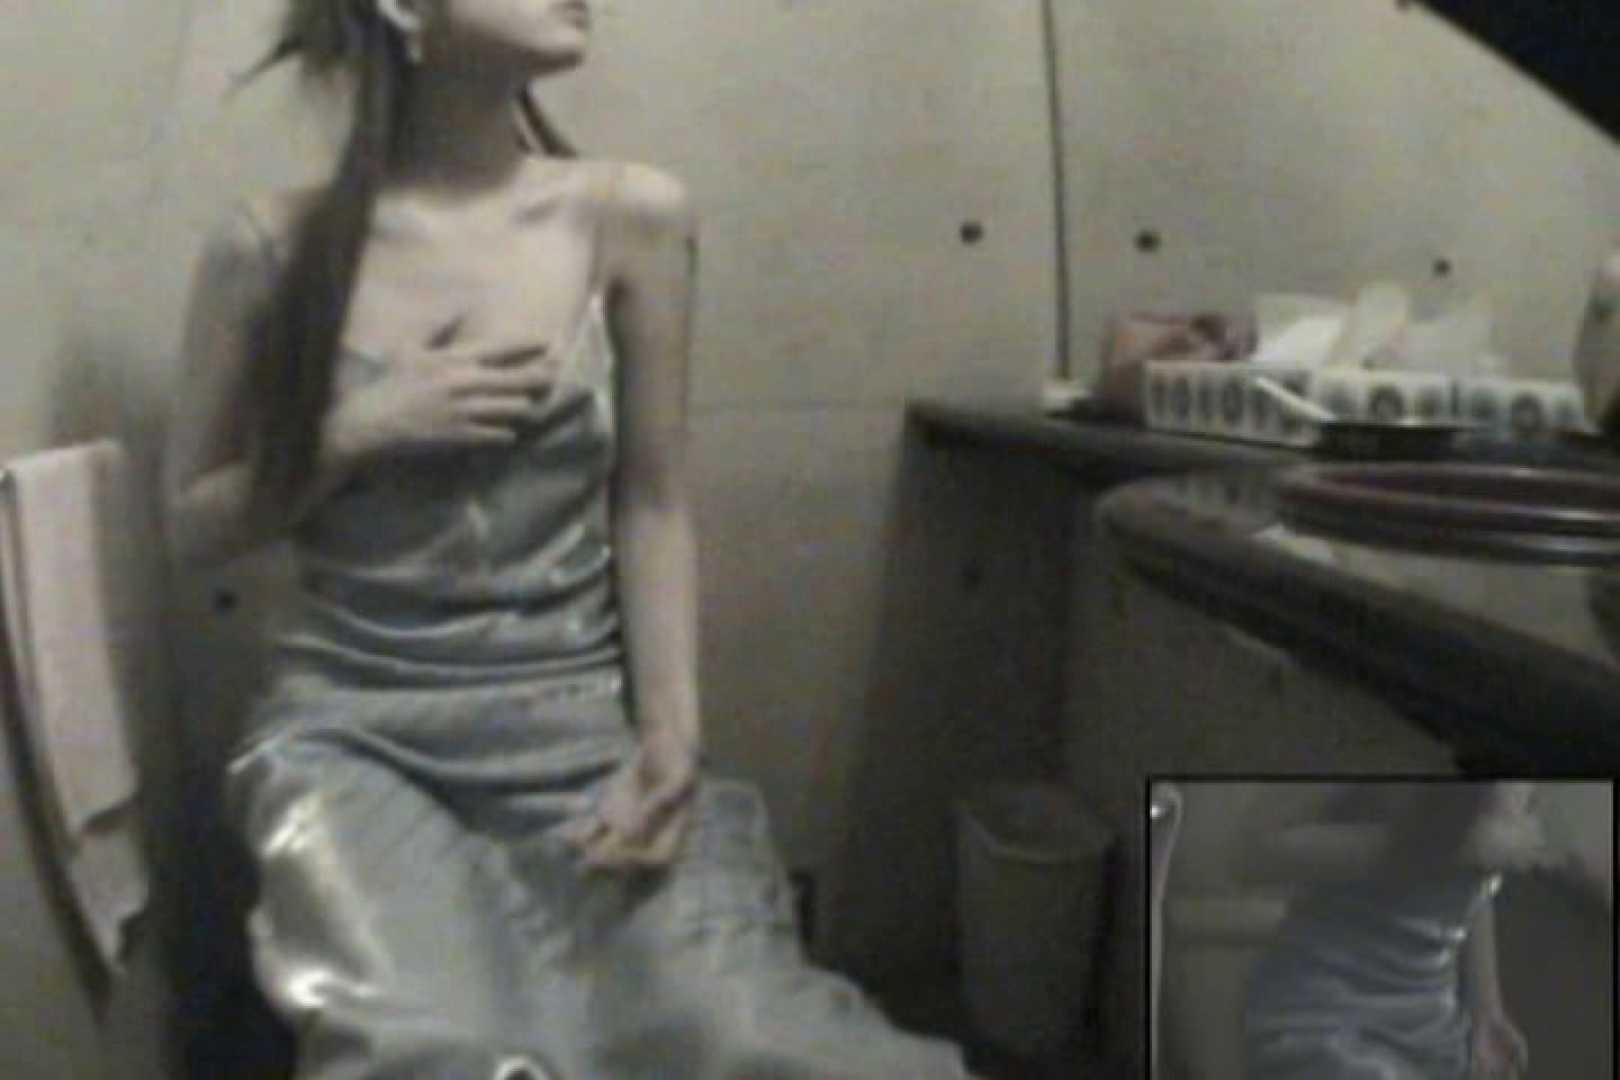 キャバ嬢は仕事の合間でもオナニーします!!Vol.6 オナニーする女性たち 隠し撮りオマンコ動画紹介 80画像 57